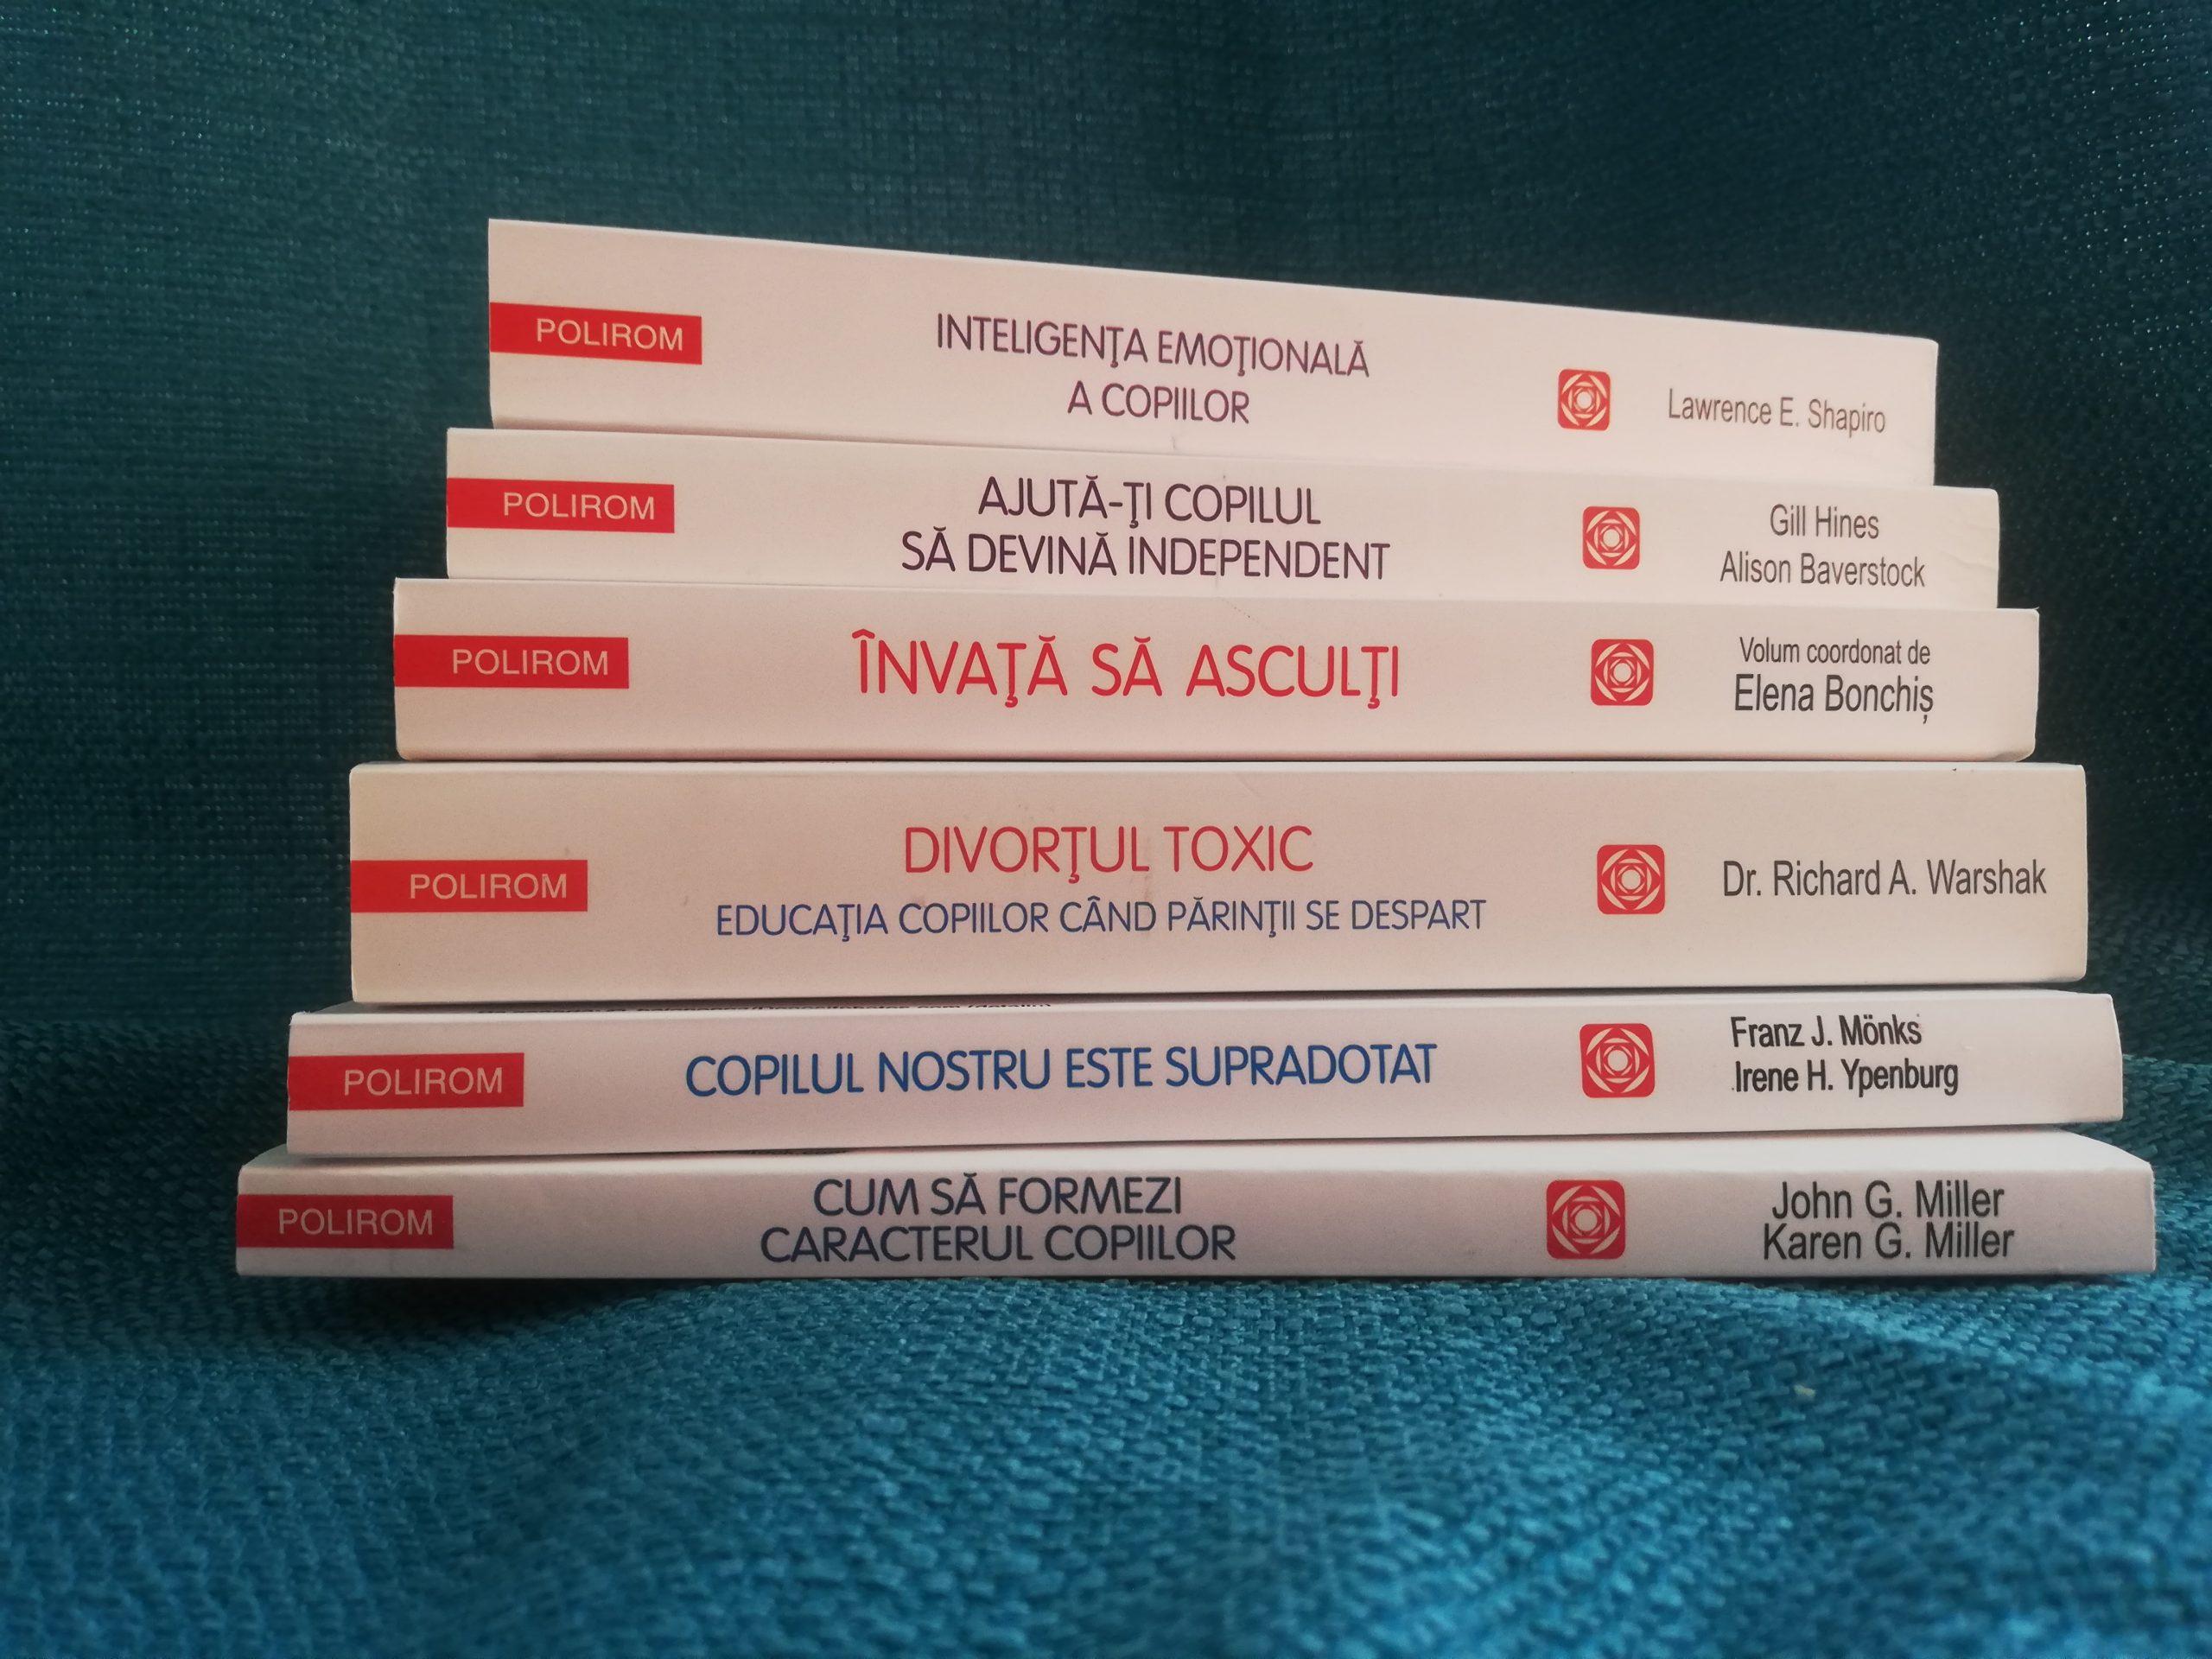 6 cărți de parenting de la Editura Polirom așteaptă să ajungă la voi. Cine vrea să le câștige?